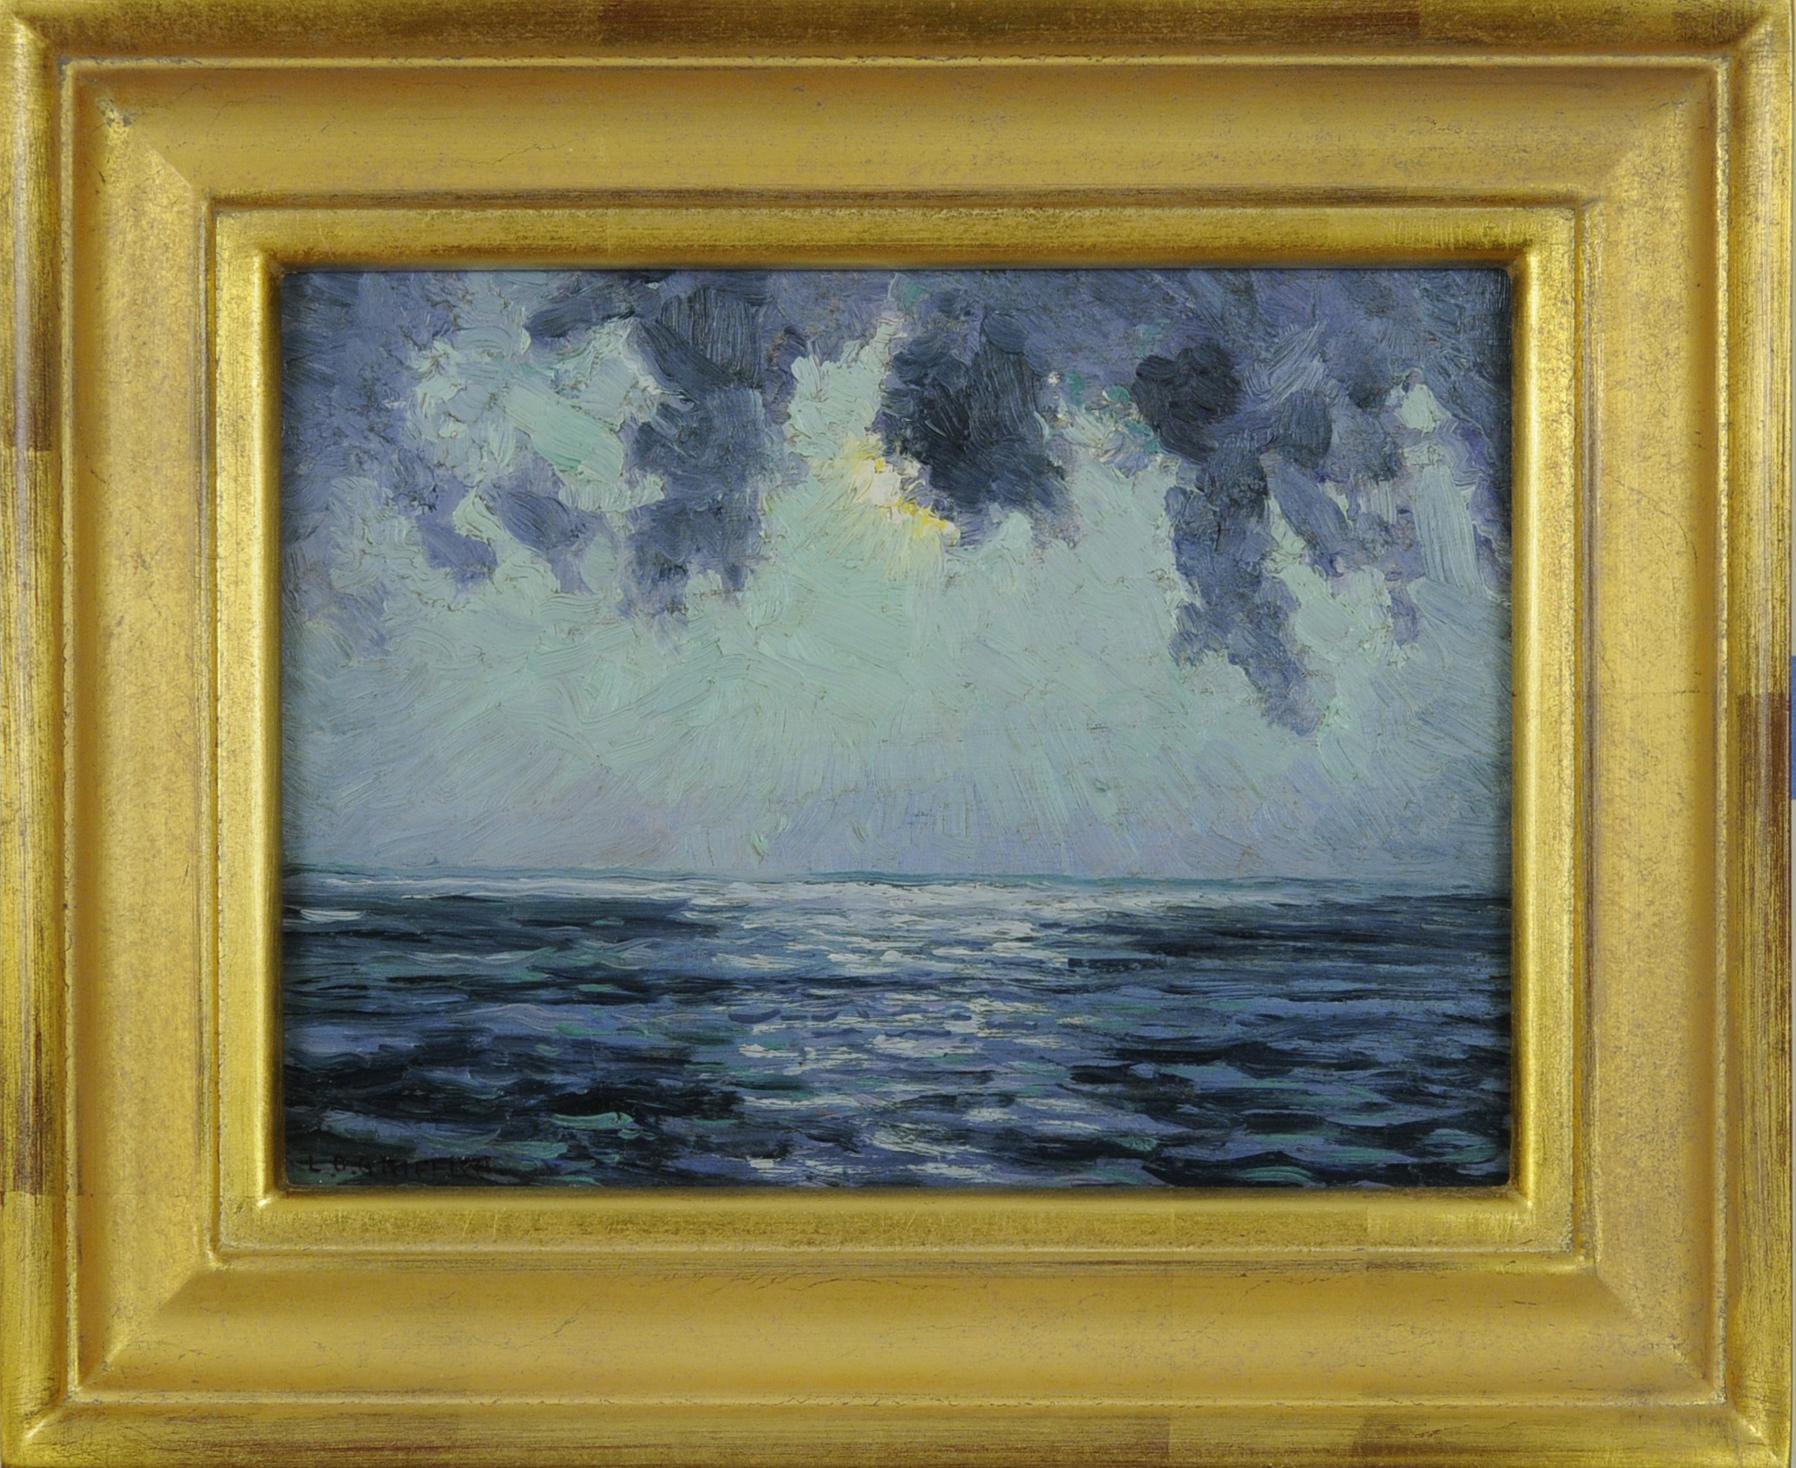 Storms (At Sea)